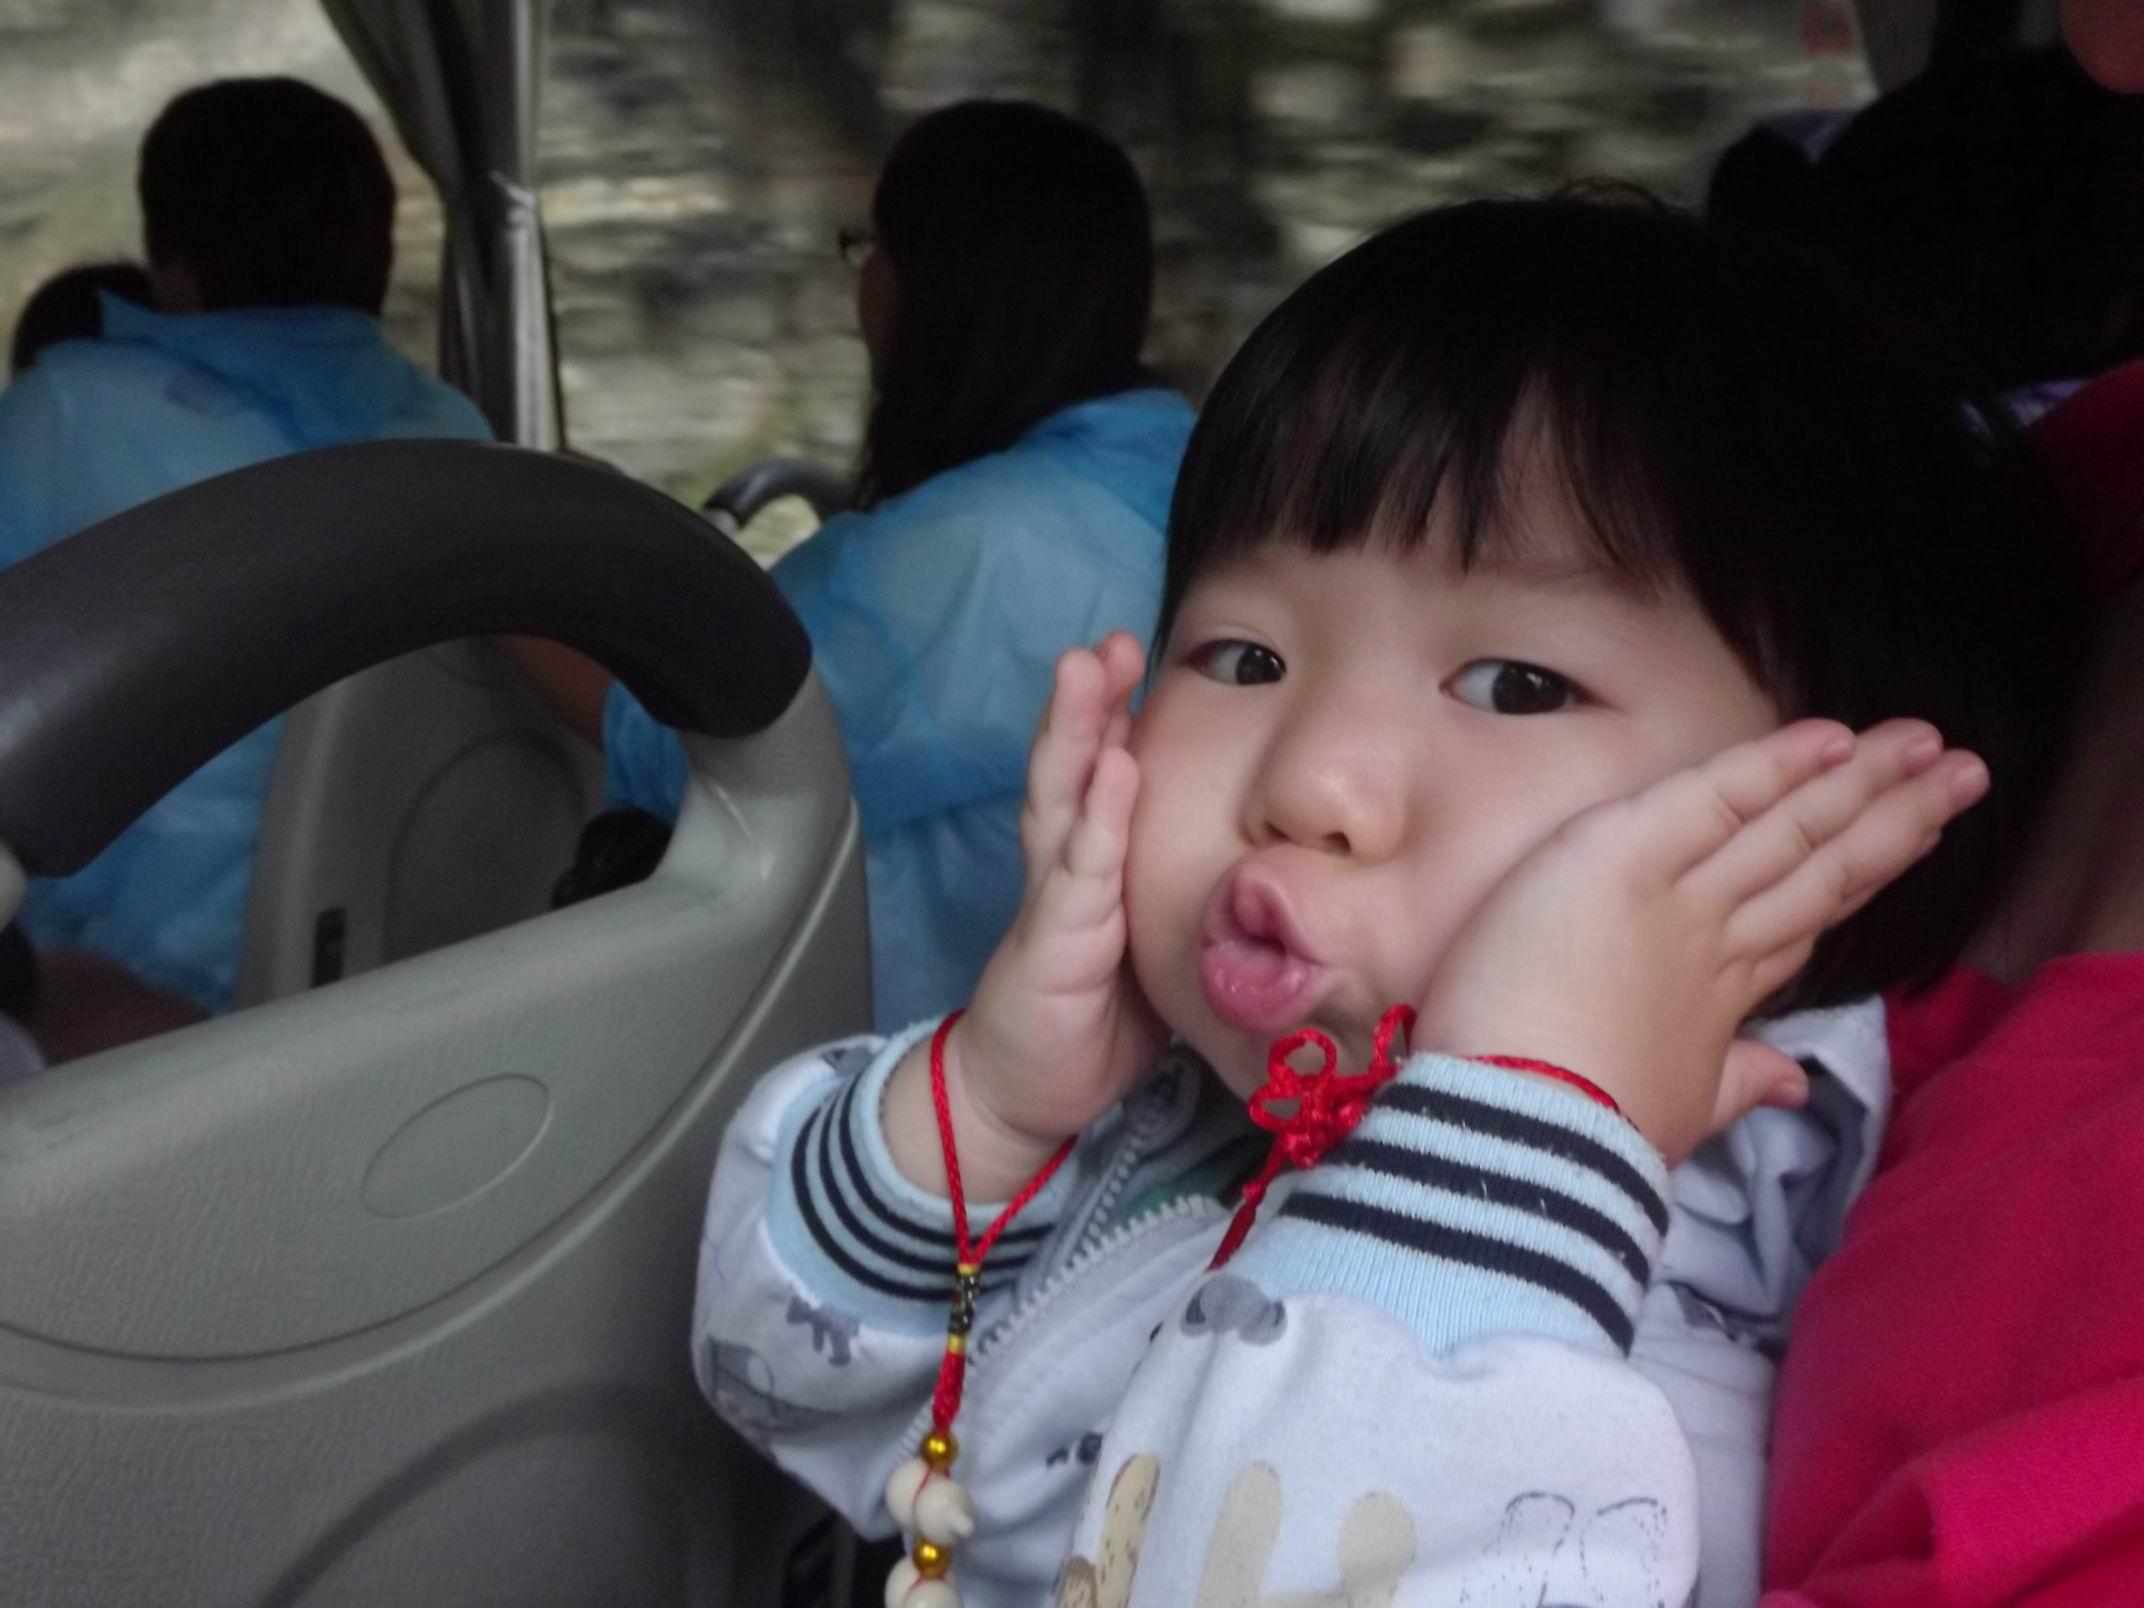 车上遇到了超可爱的小姑娘